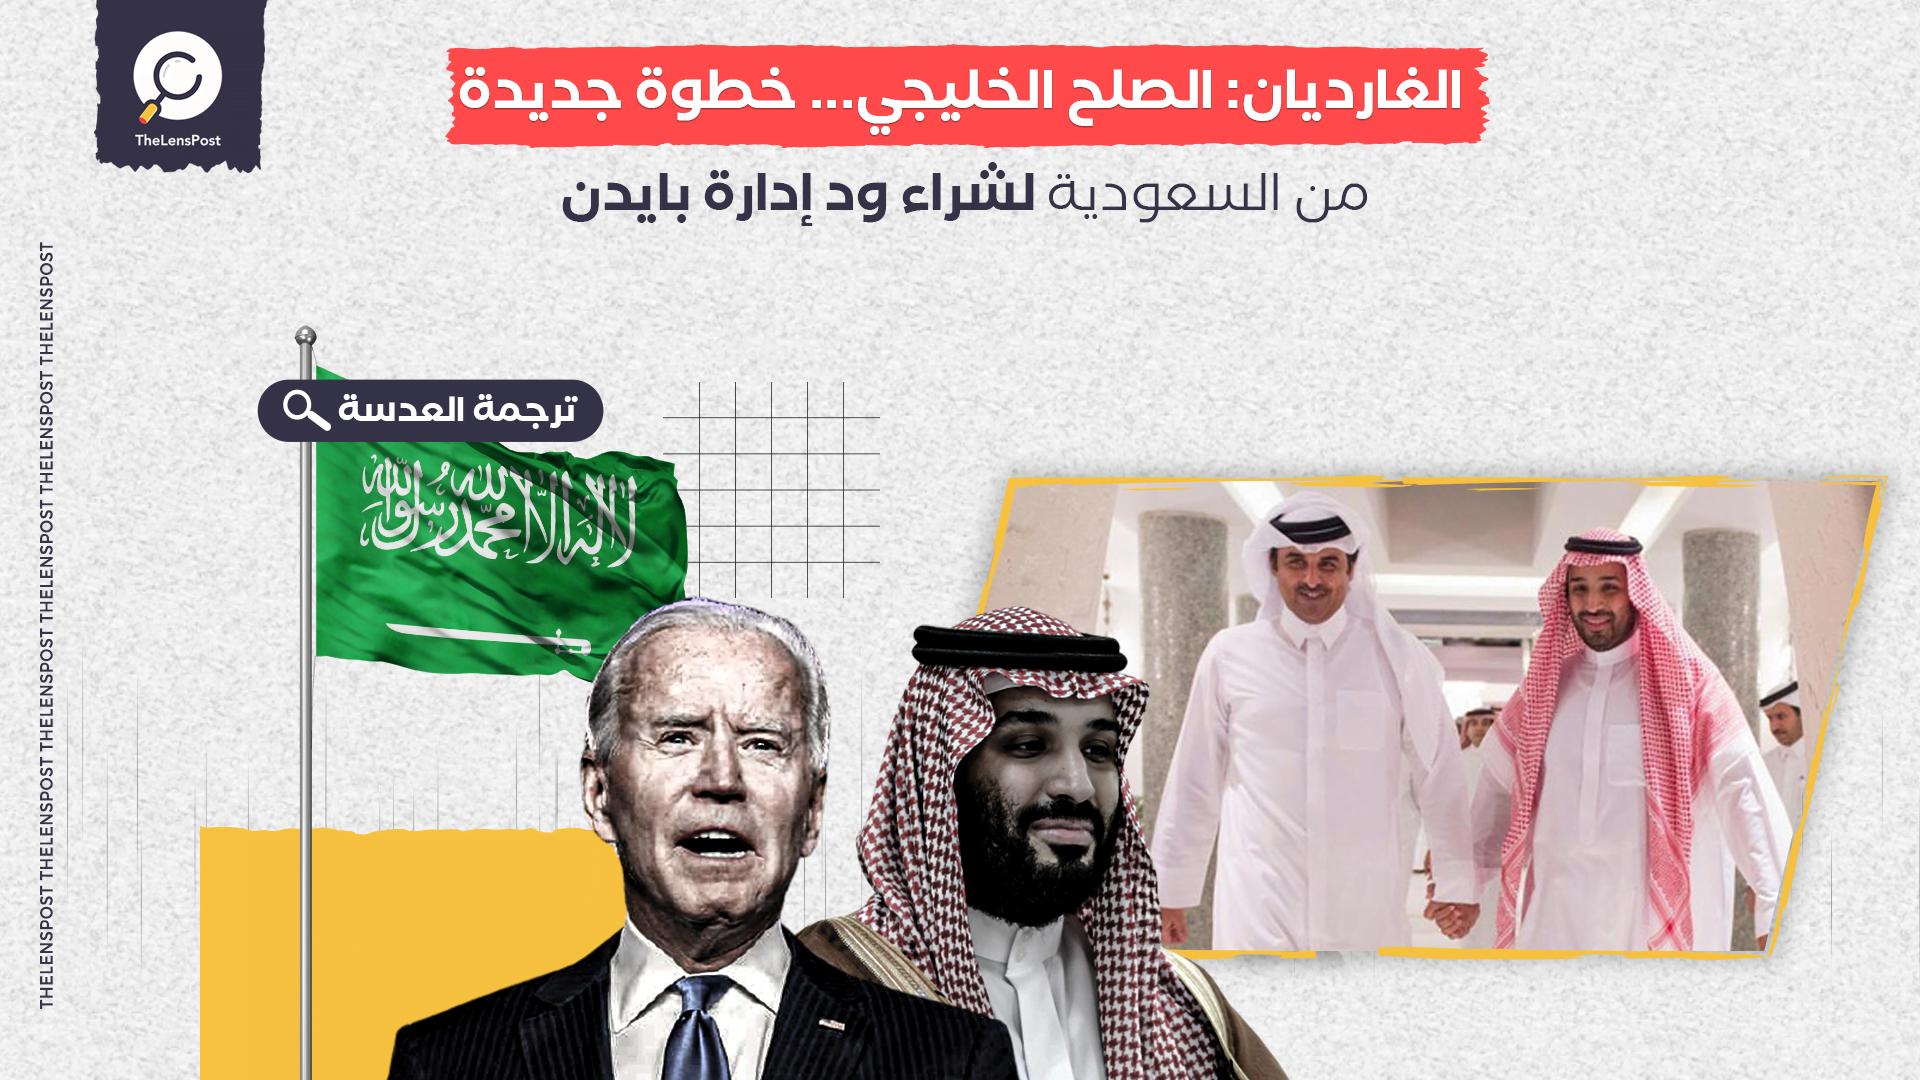 الصلح الخليجي